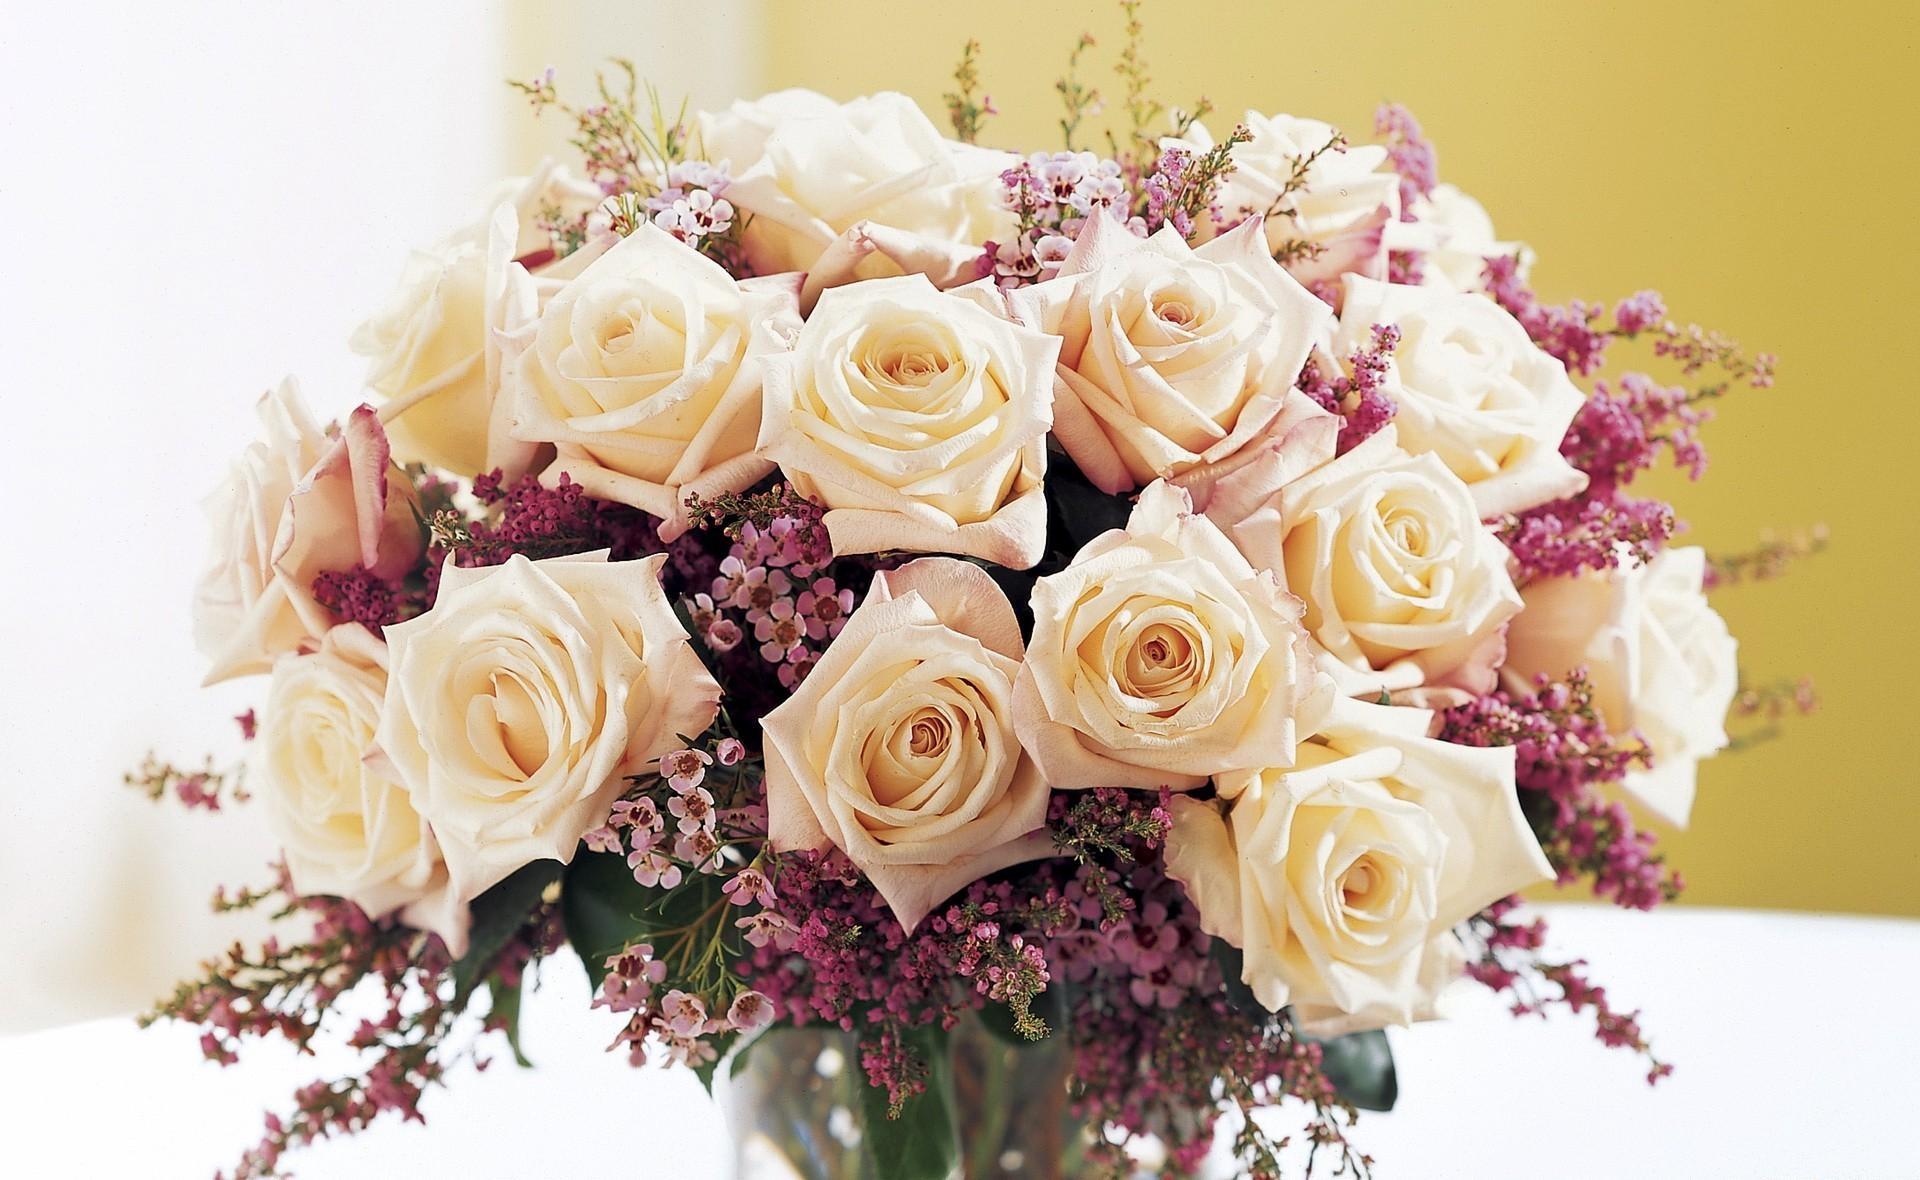 125044 скачать обои Цветы, Чайное Дерево, Букет, Композиция, Ваза, Розы - заставки и картинки бесплатно